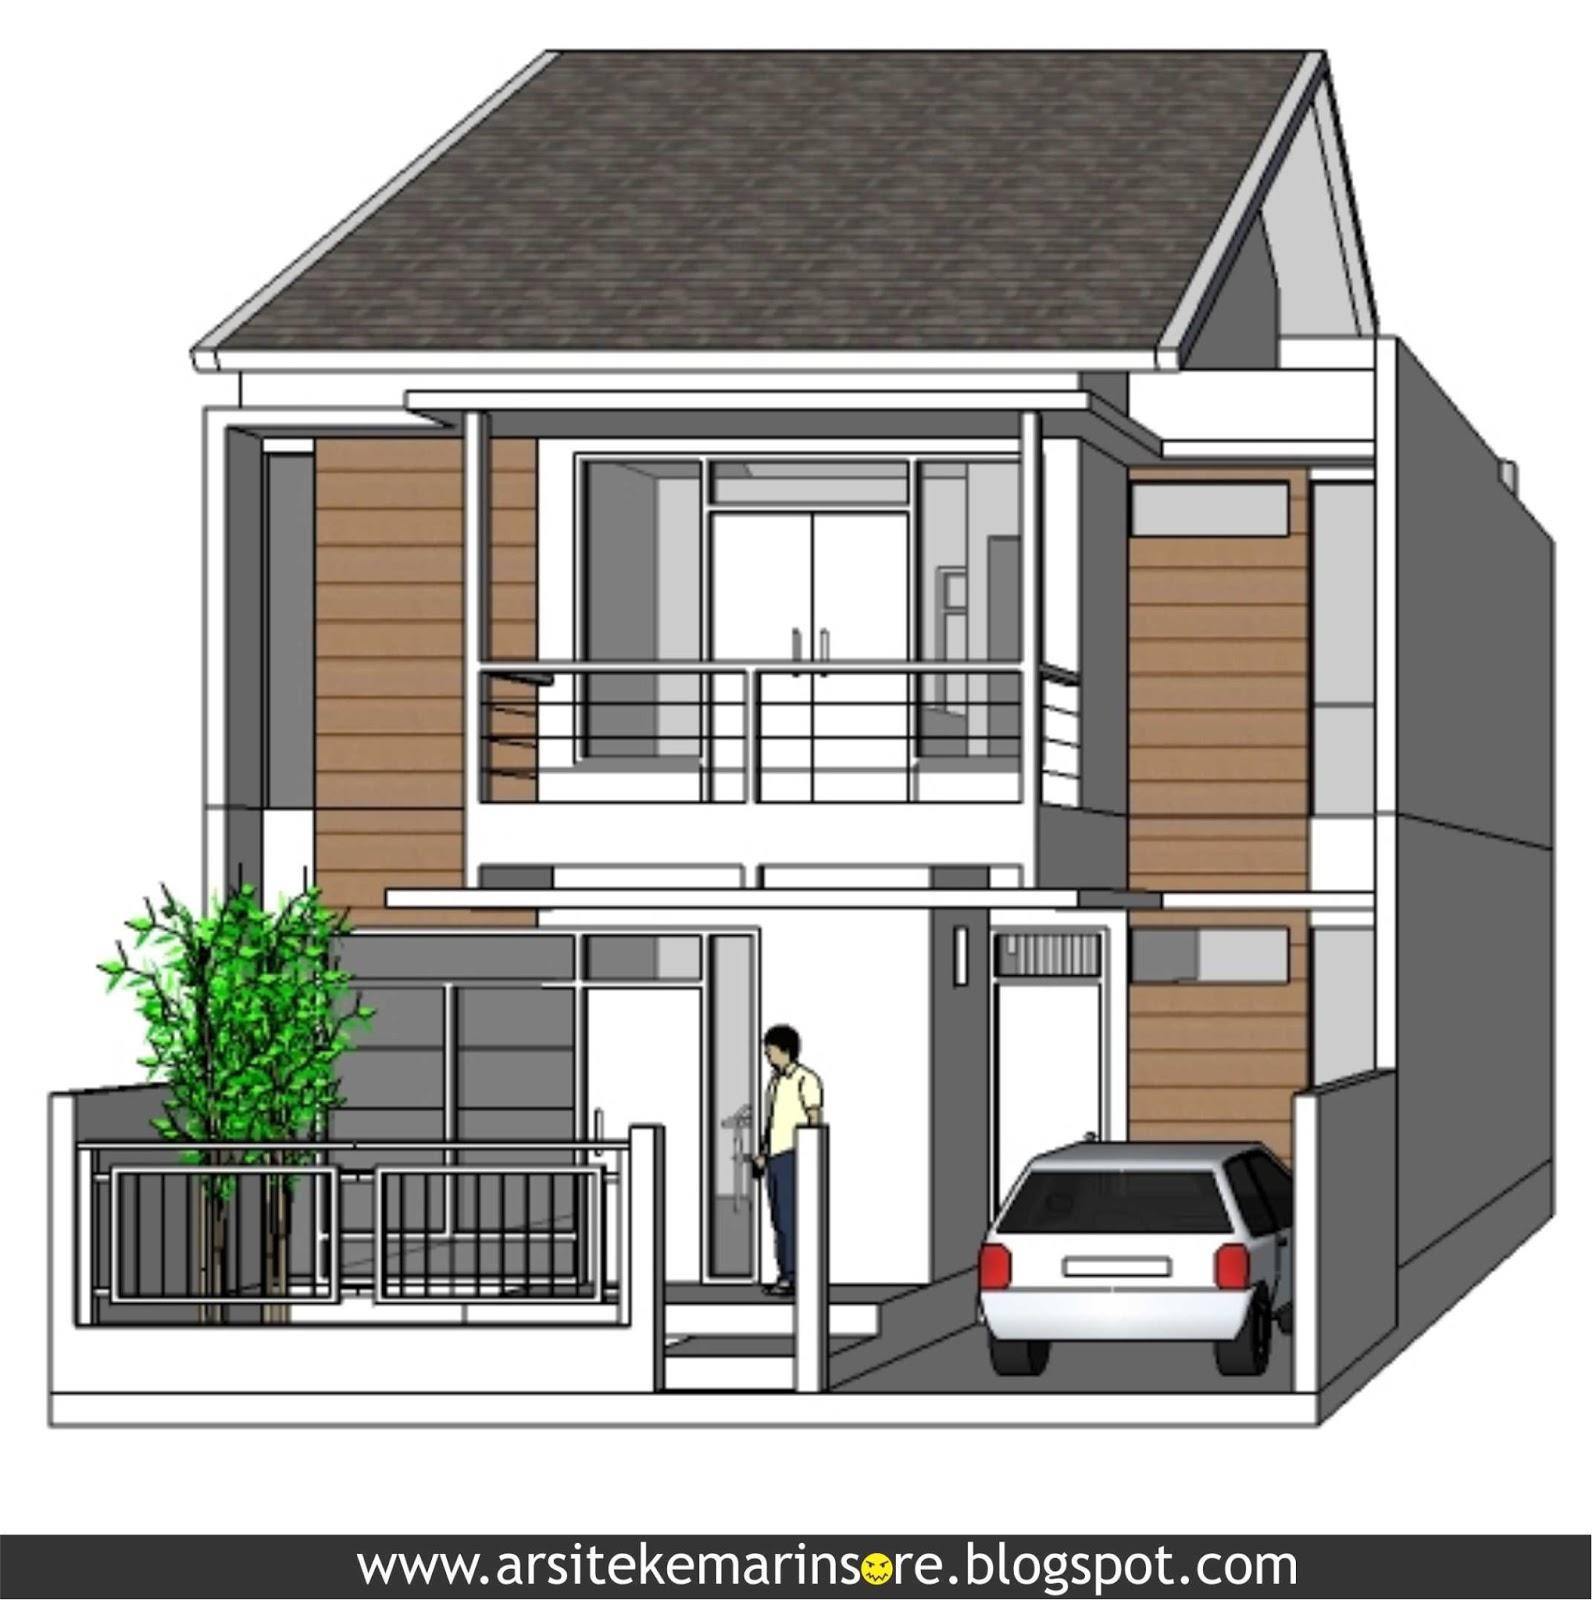 Rumah Minimalis Lebar 5 Meter Rumah Lebar 7,5 Meter